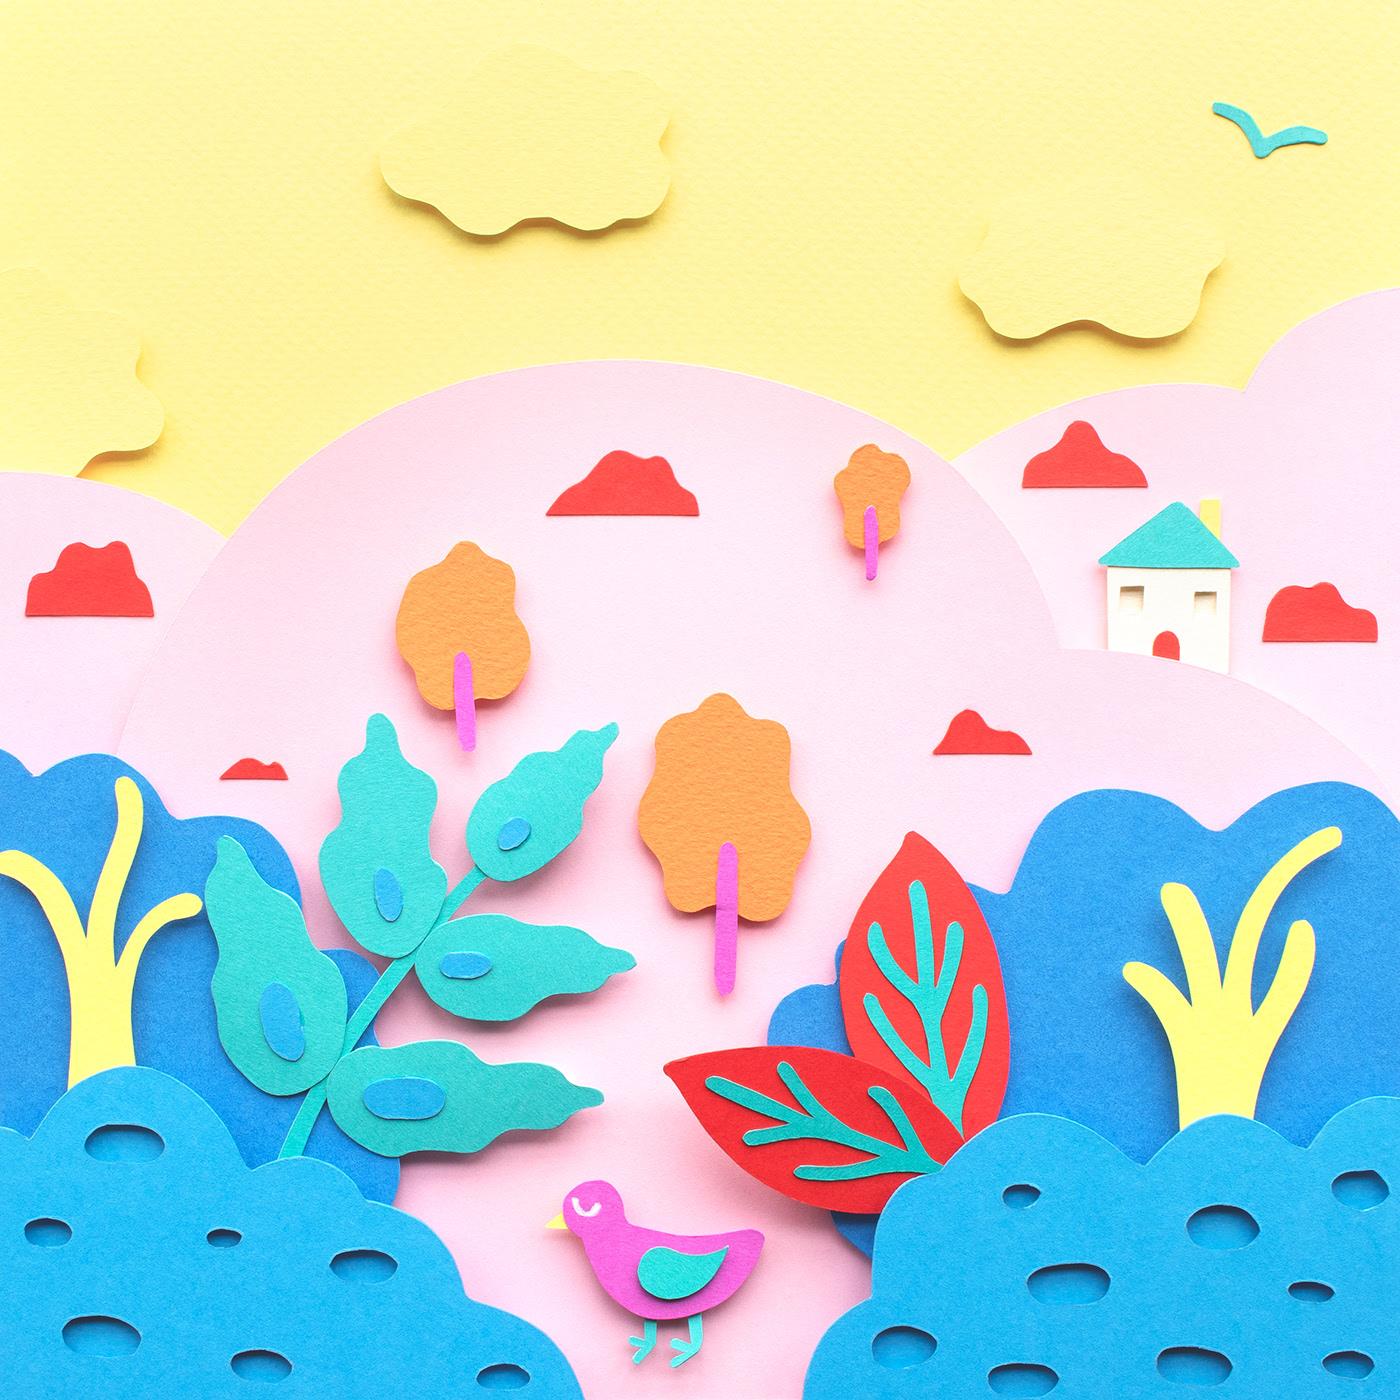 Crafts, Graphic Design